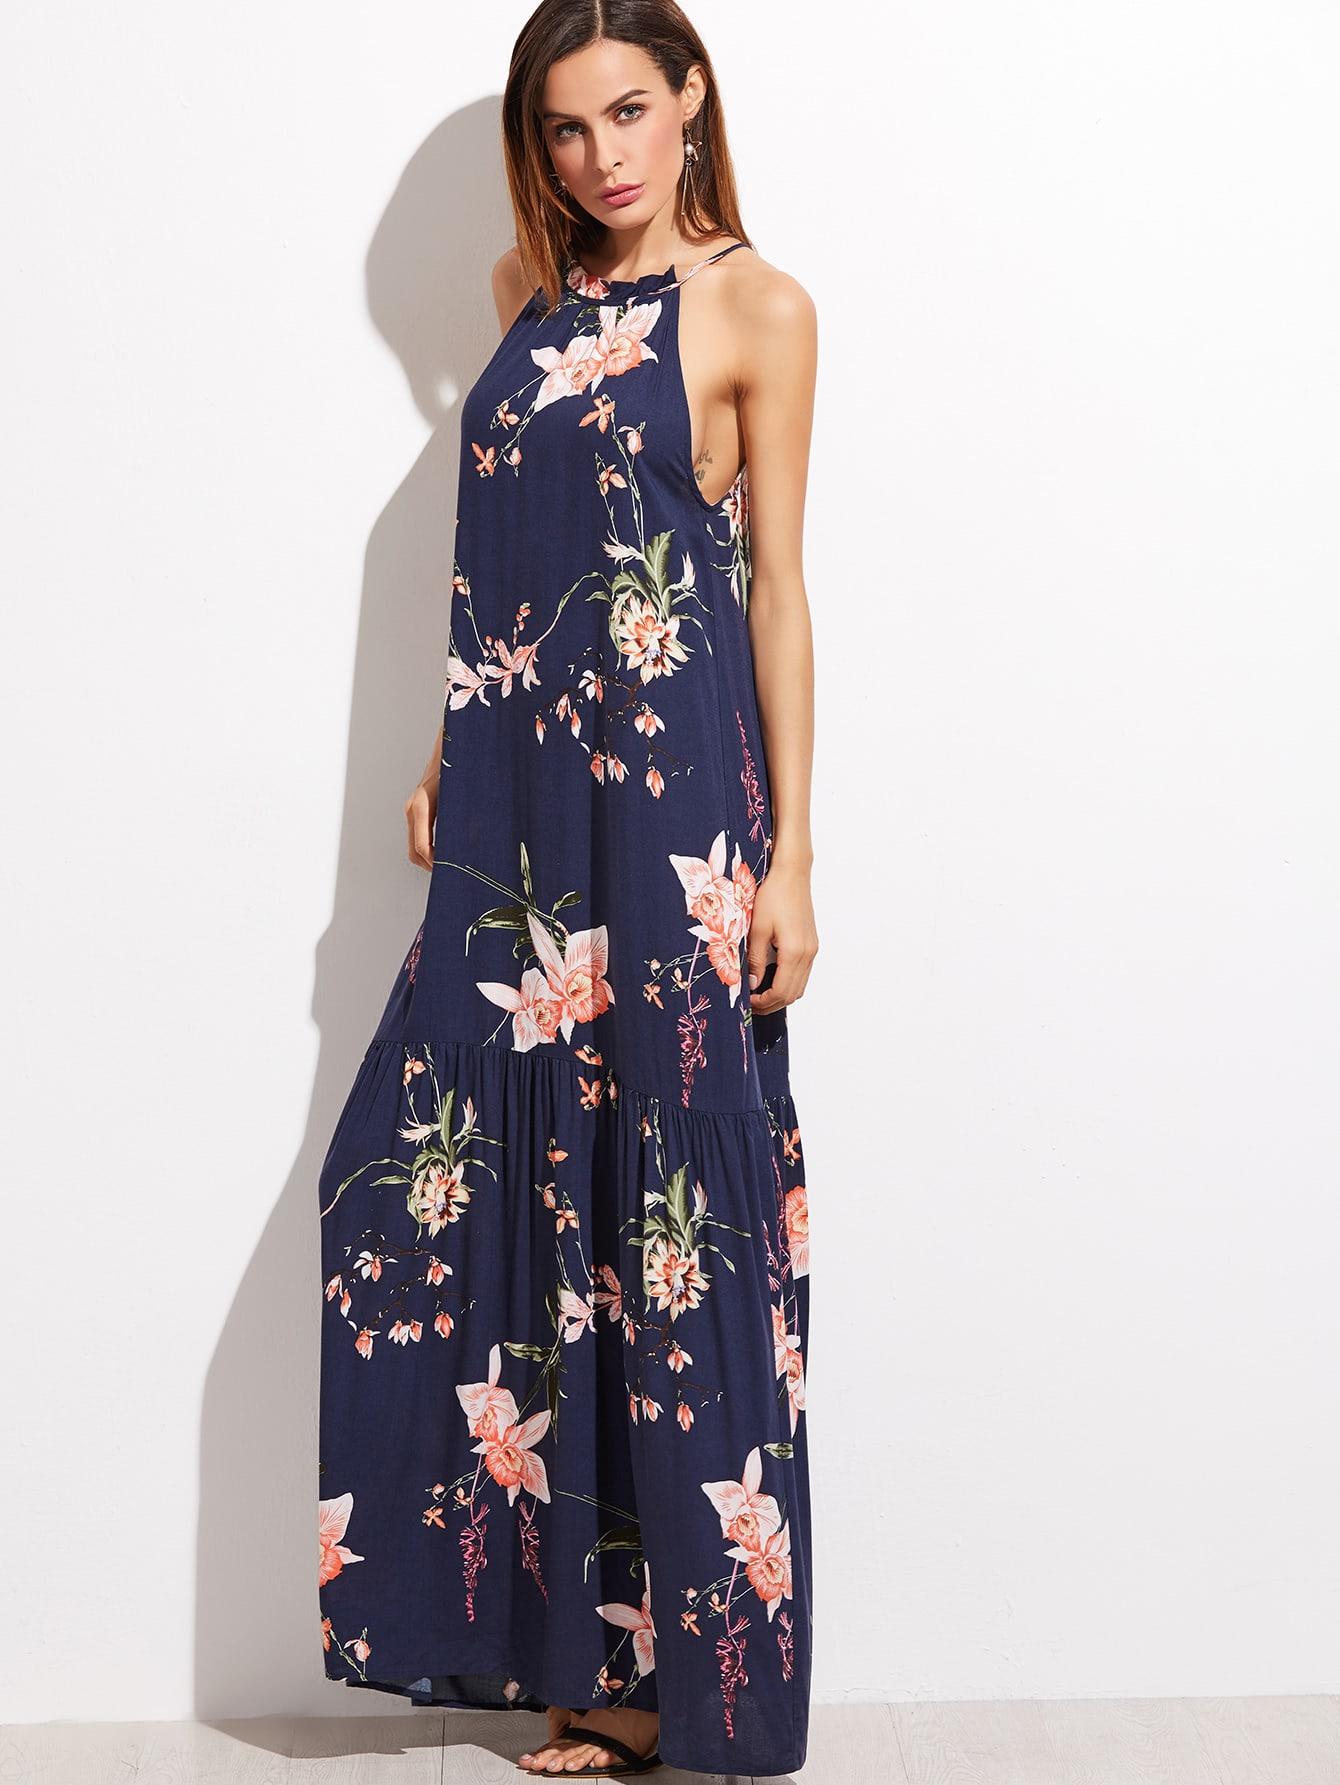 dress161206470_2